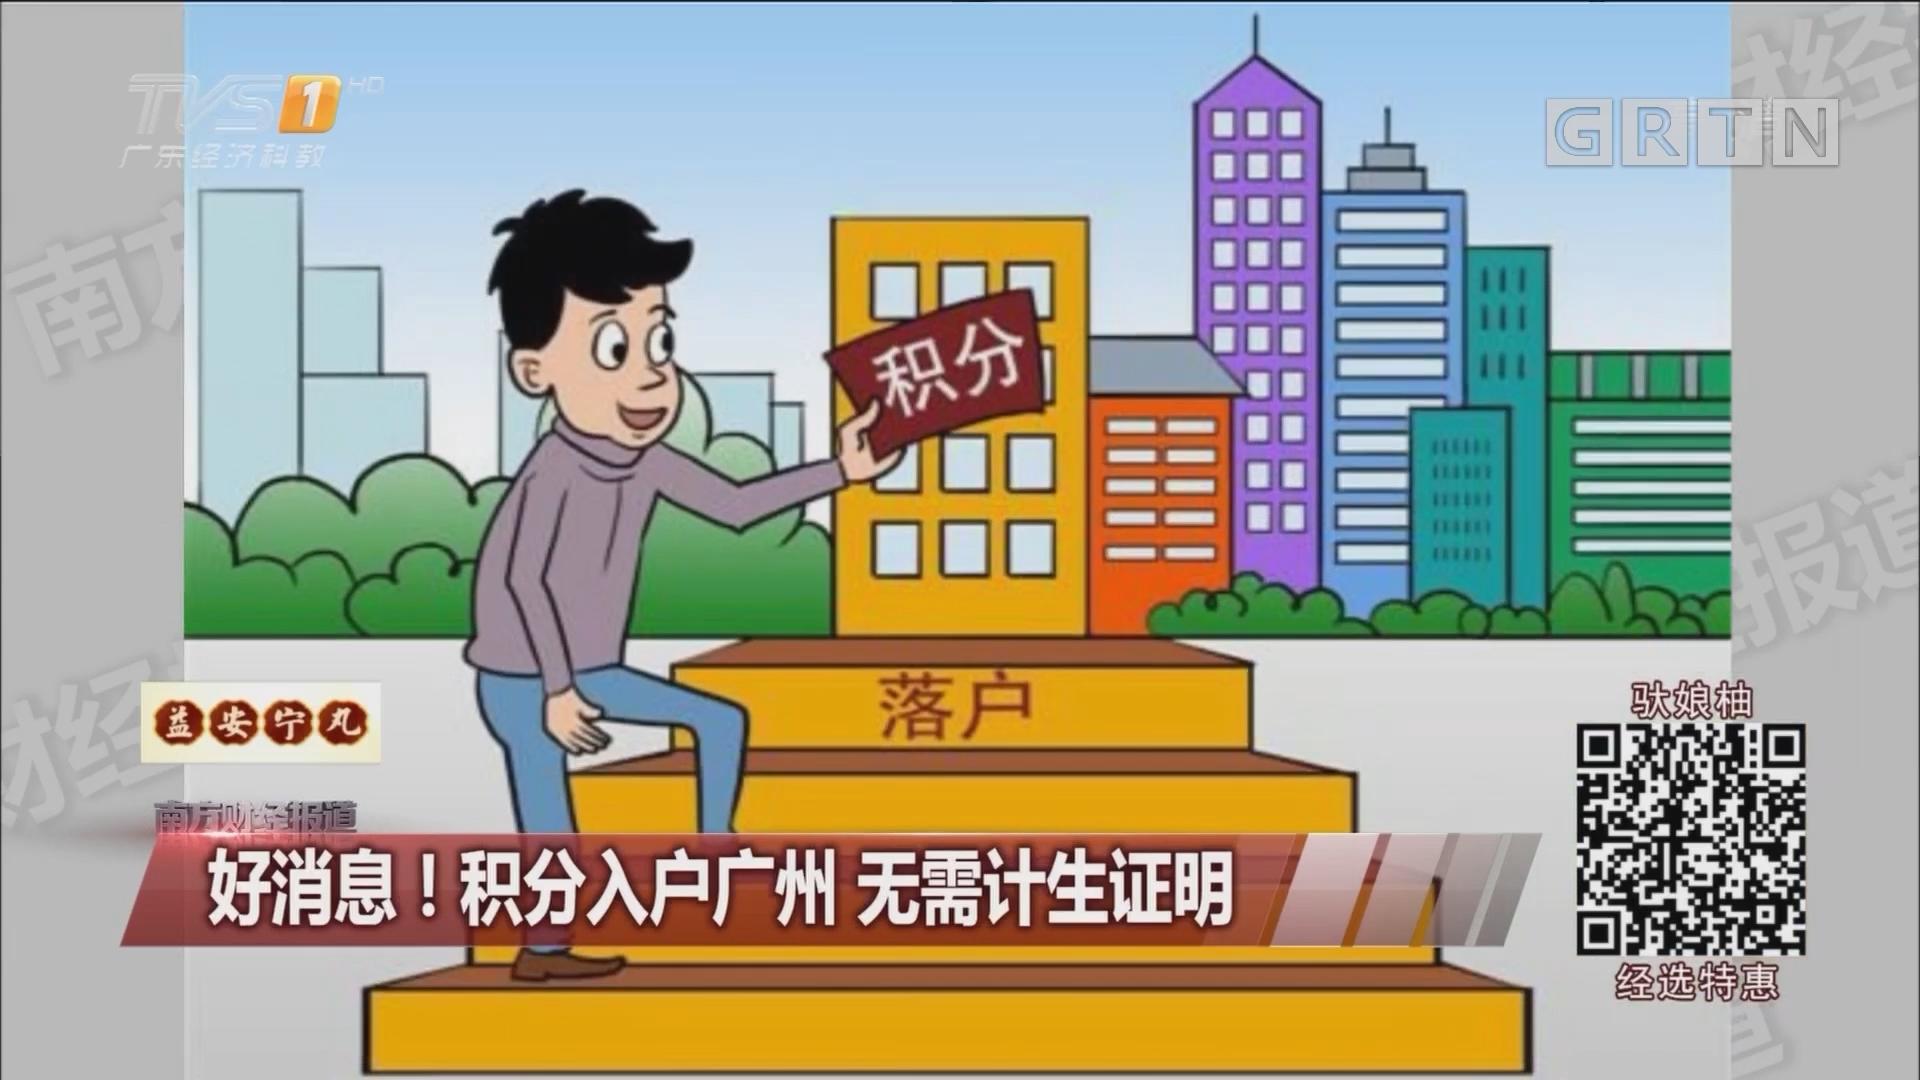 好消息!积分入户广州 无需计生证明